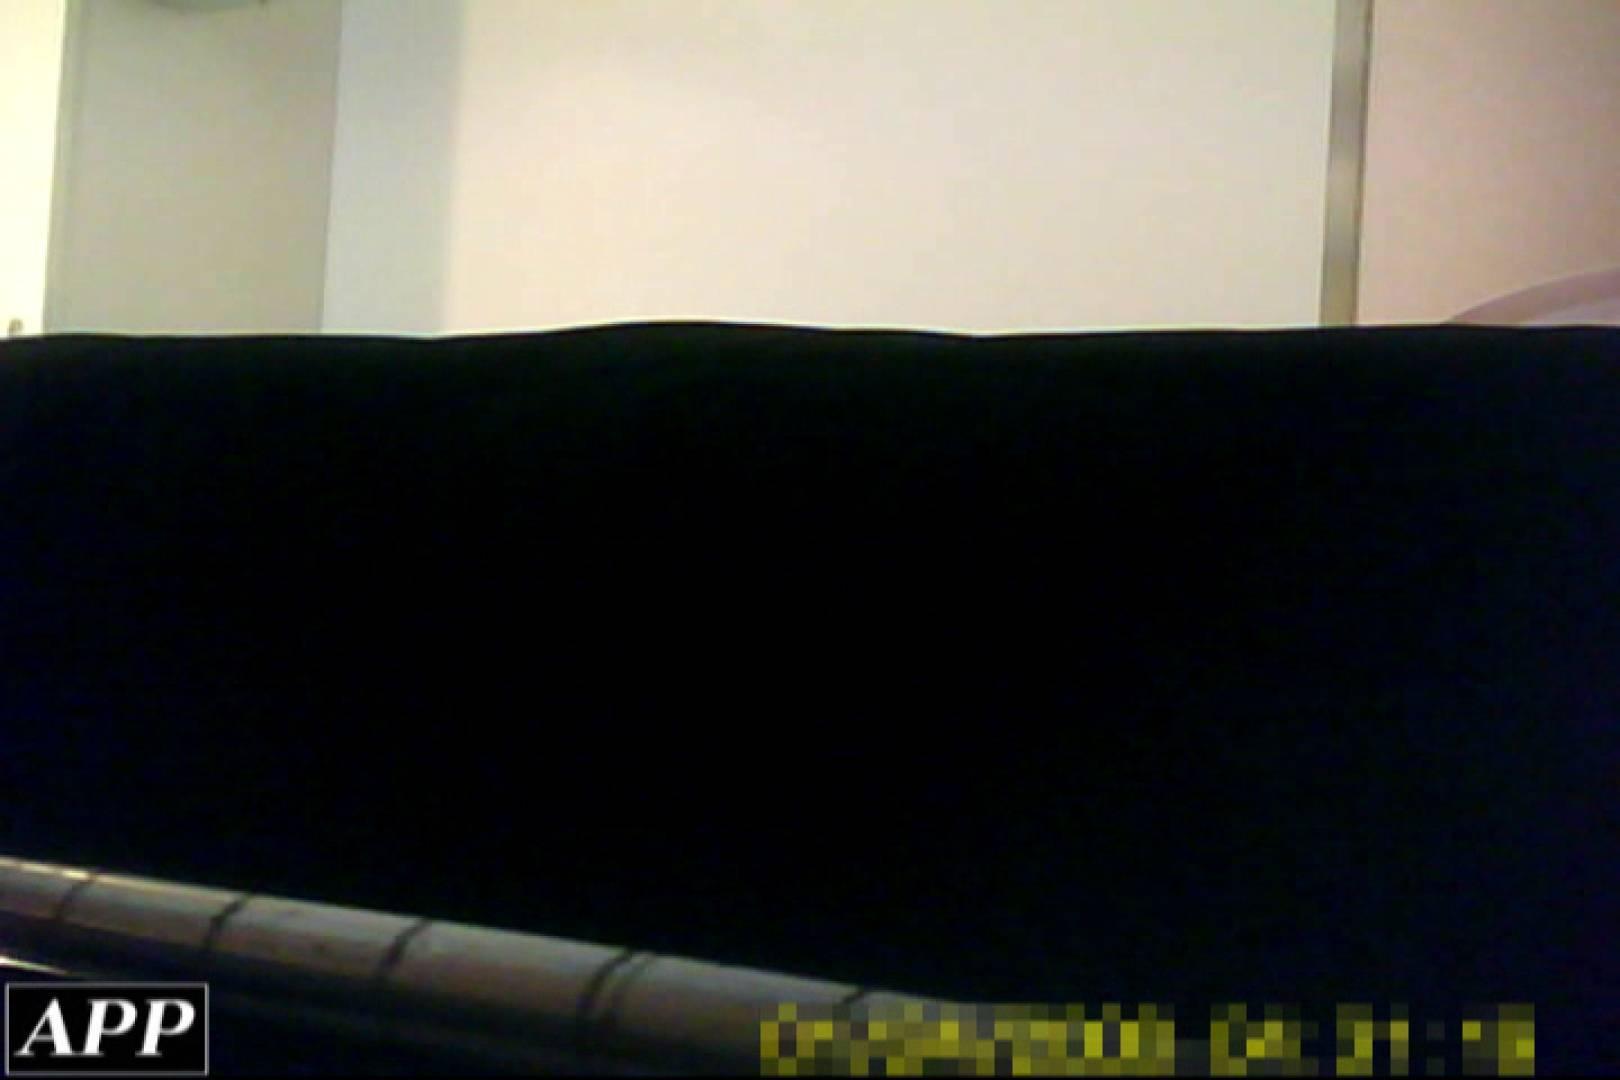 3視点洗面所 vol.84 美しいOLの裸体 オマンコ無修正動画無料 89pic 20